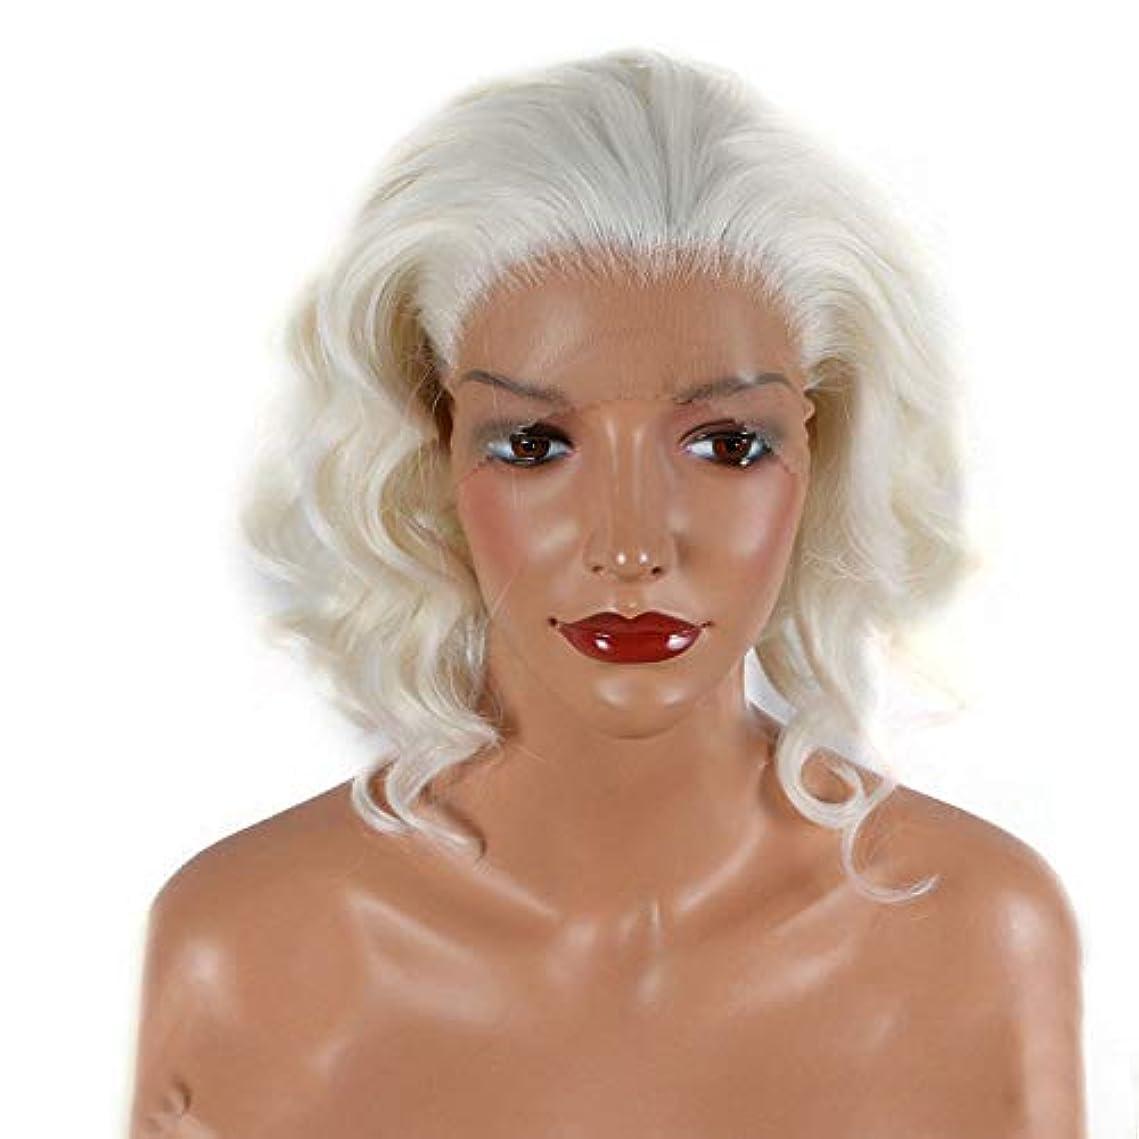 後世土地豊富にYOUQIU 女性の日常かつらのために女子ショートボブスタイルカーリー白毛ウィッグ (色 : ホワイト)